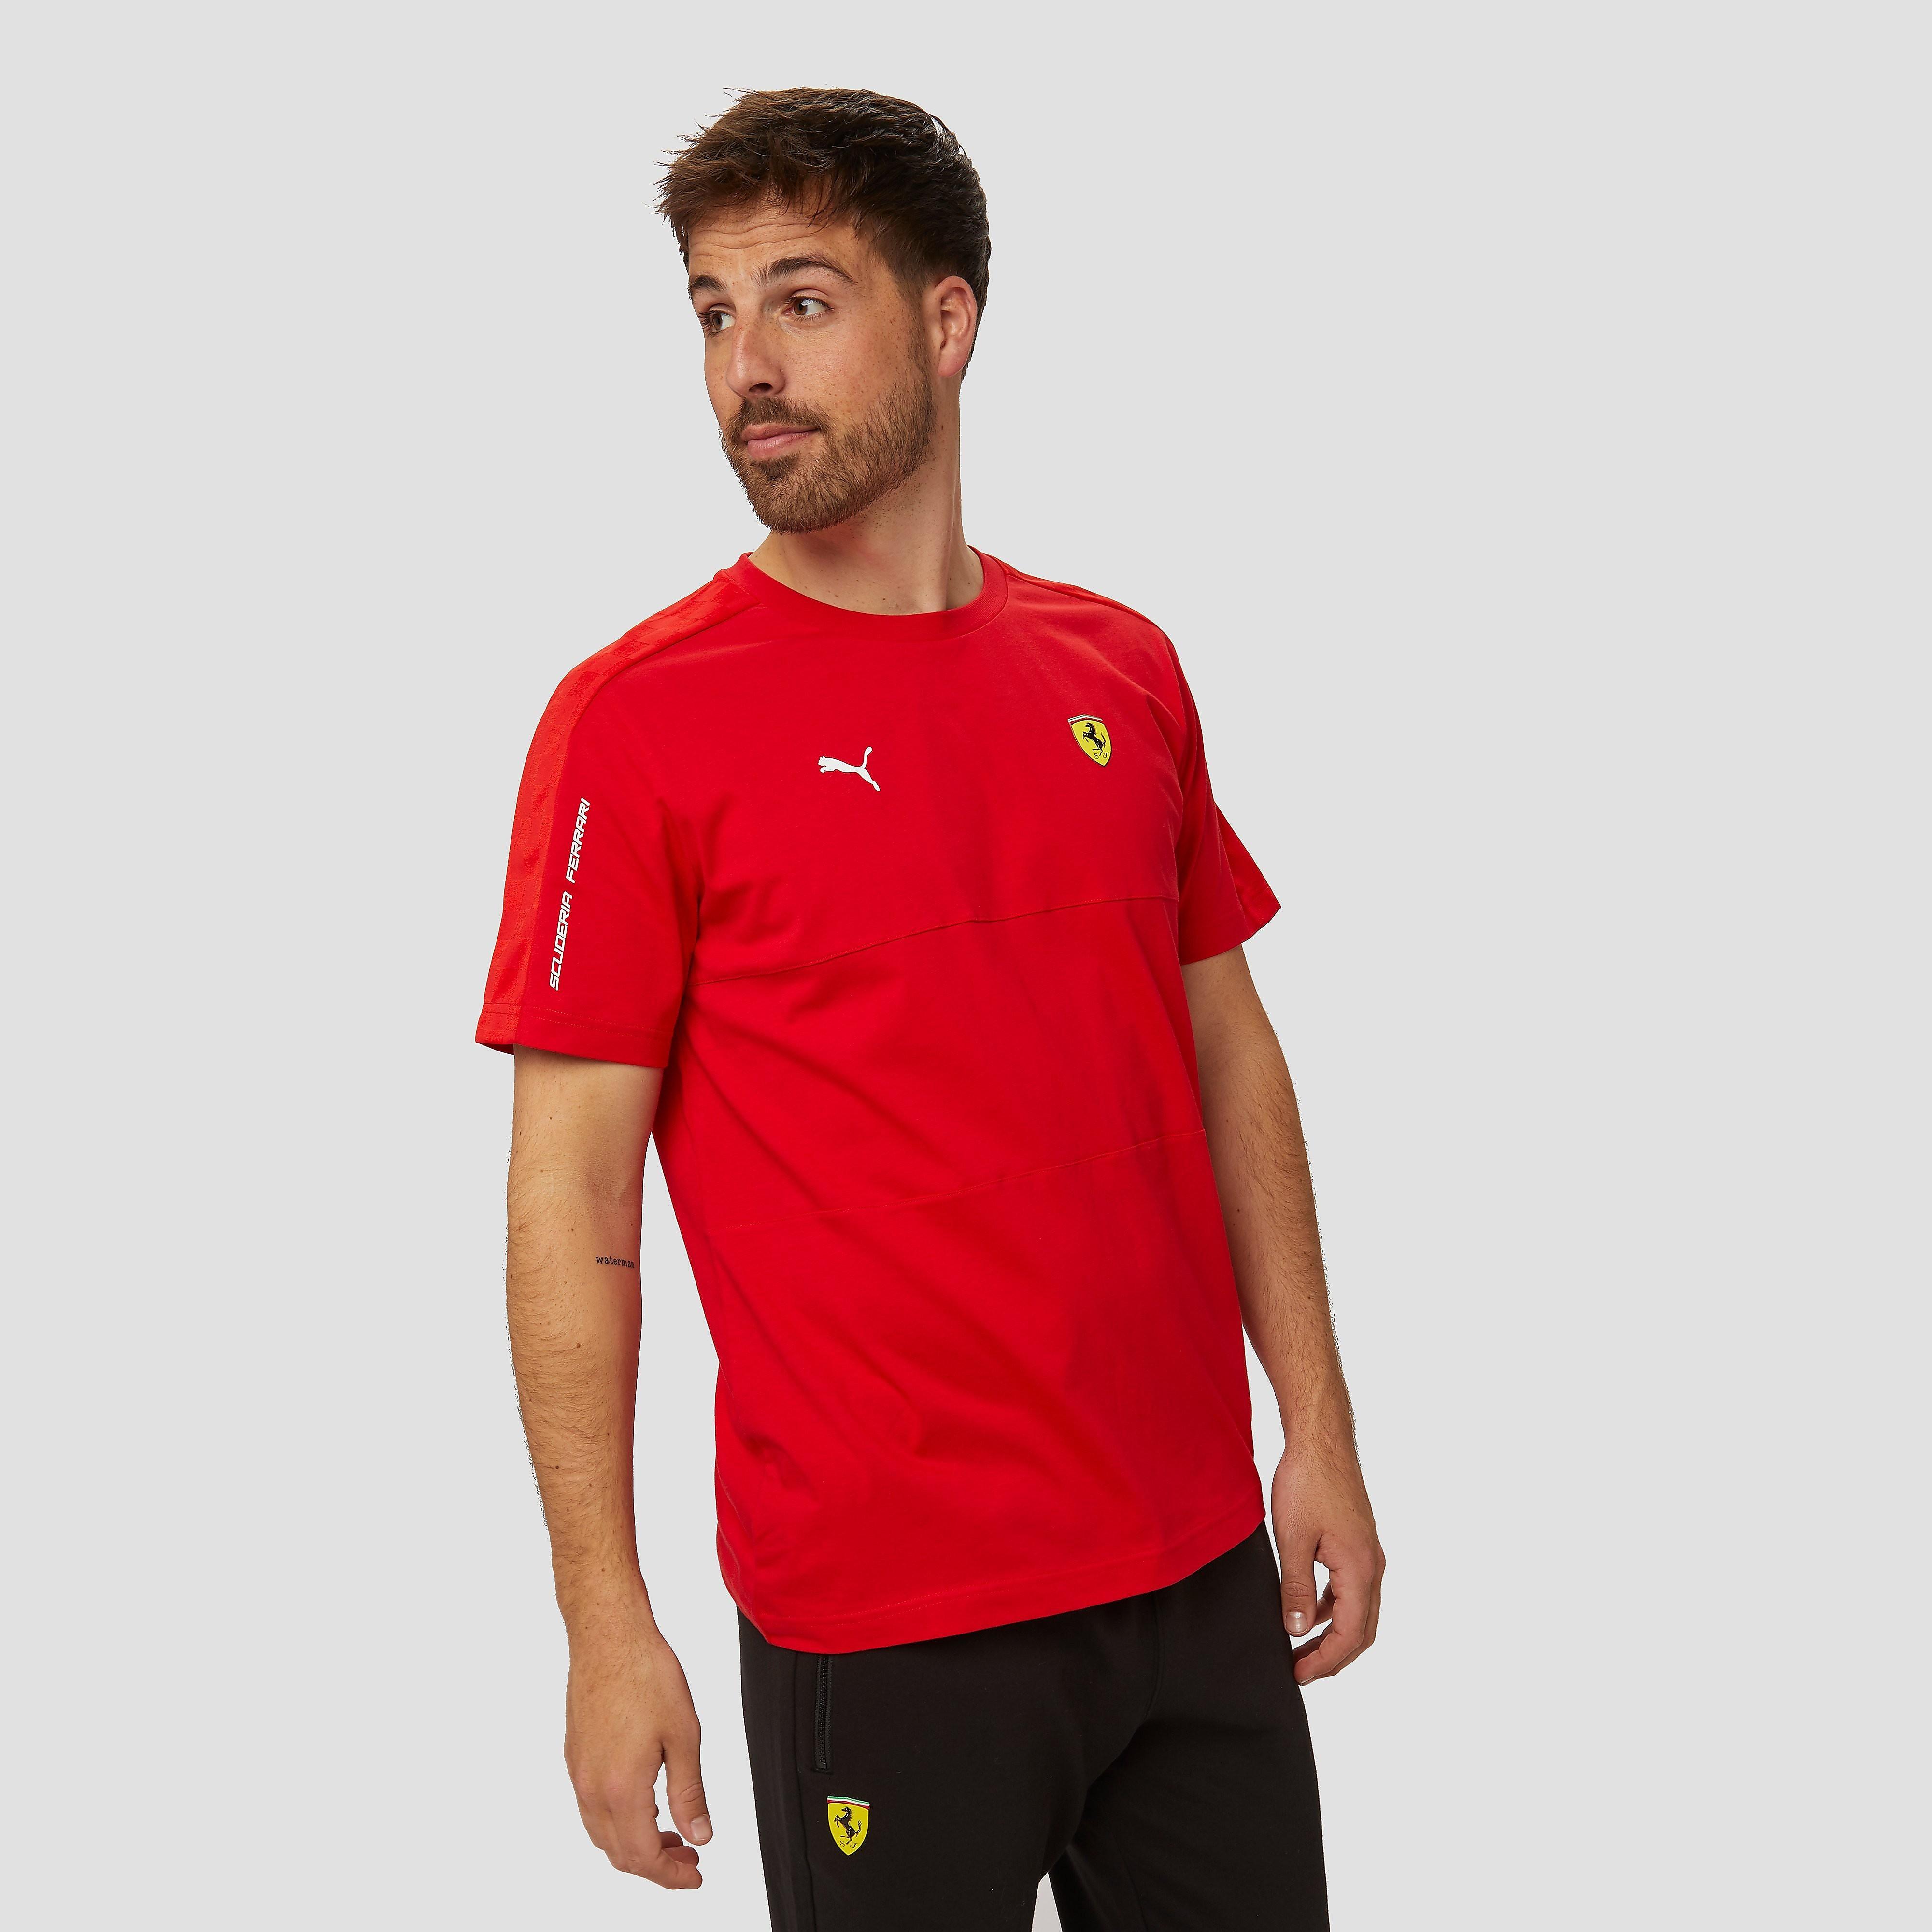 PUMA Scuderia ferrari t7 shirt rood heren Heren